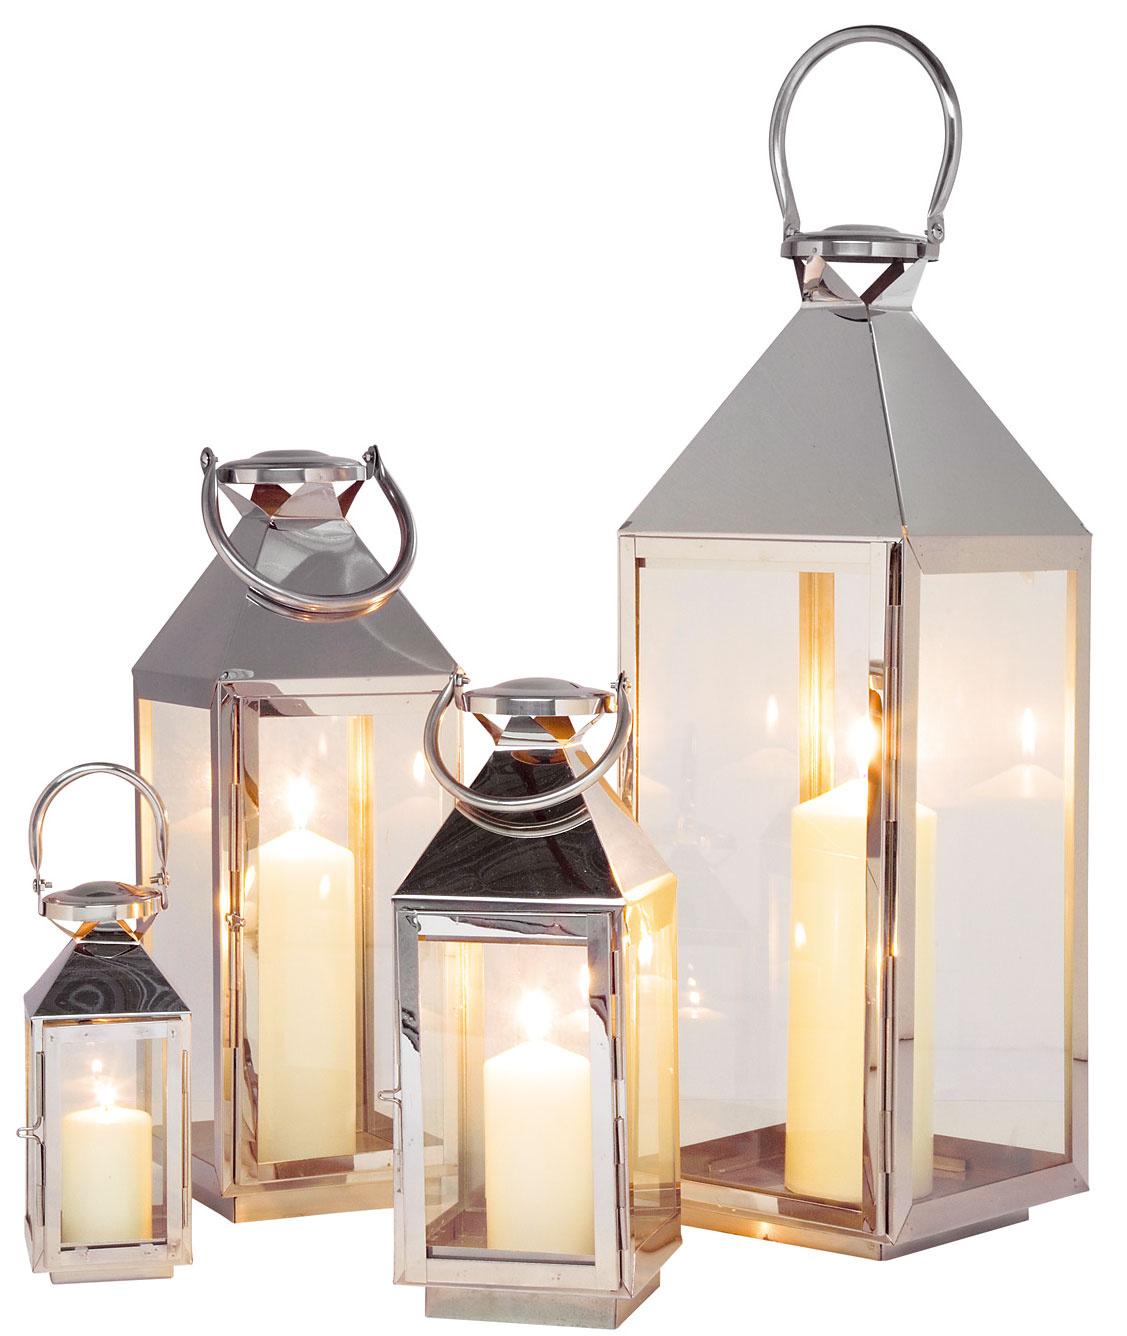 Súprava štyroch lampášov Giardino, rôzne veľkosti, 189 €, Kare, Light Park